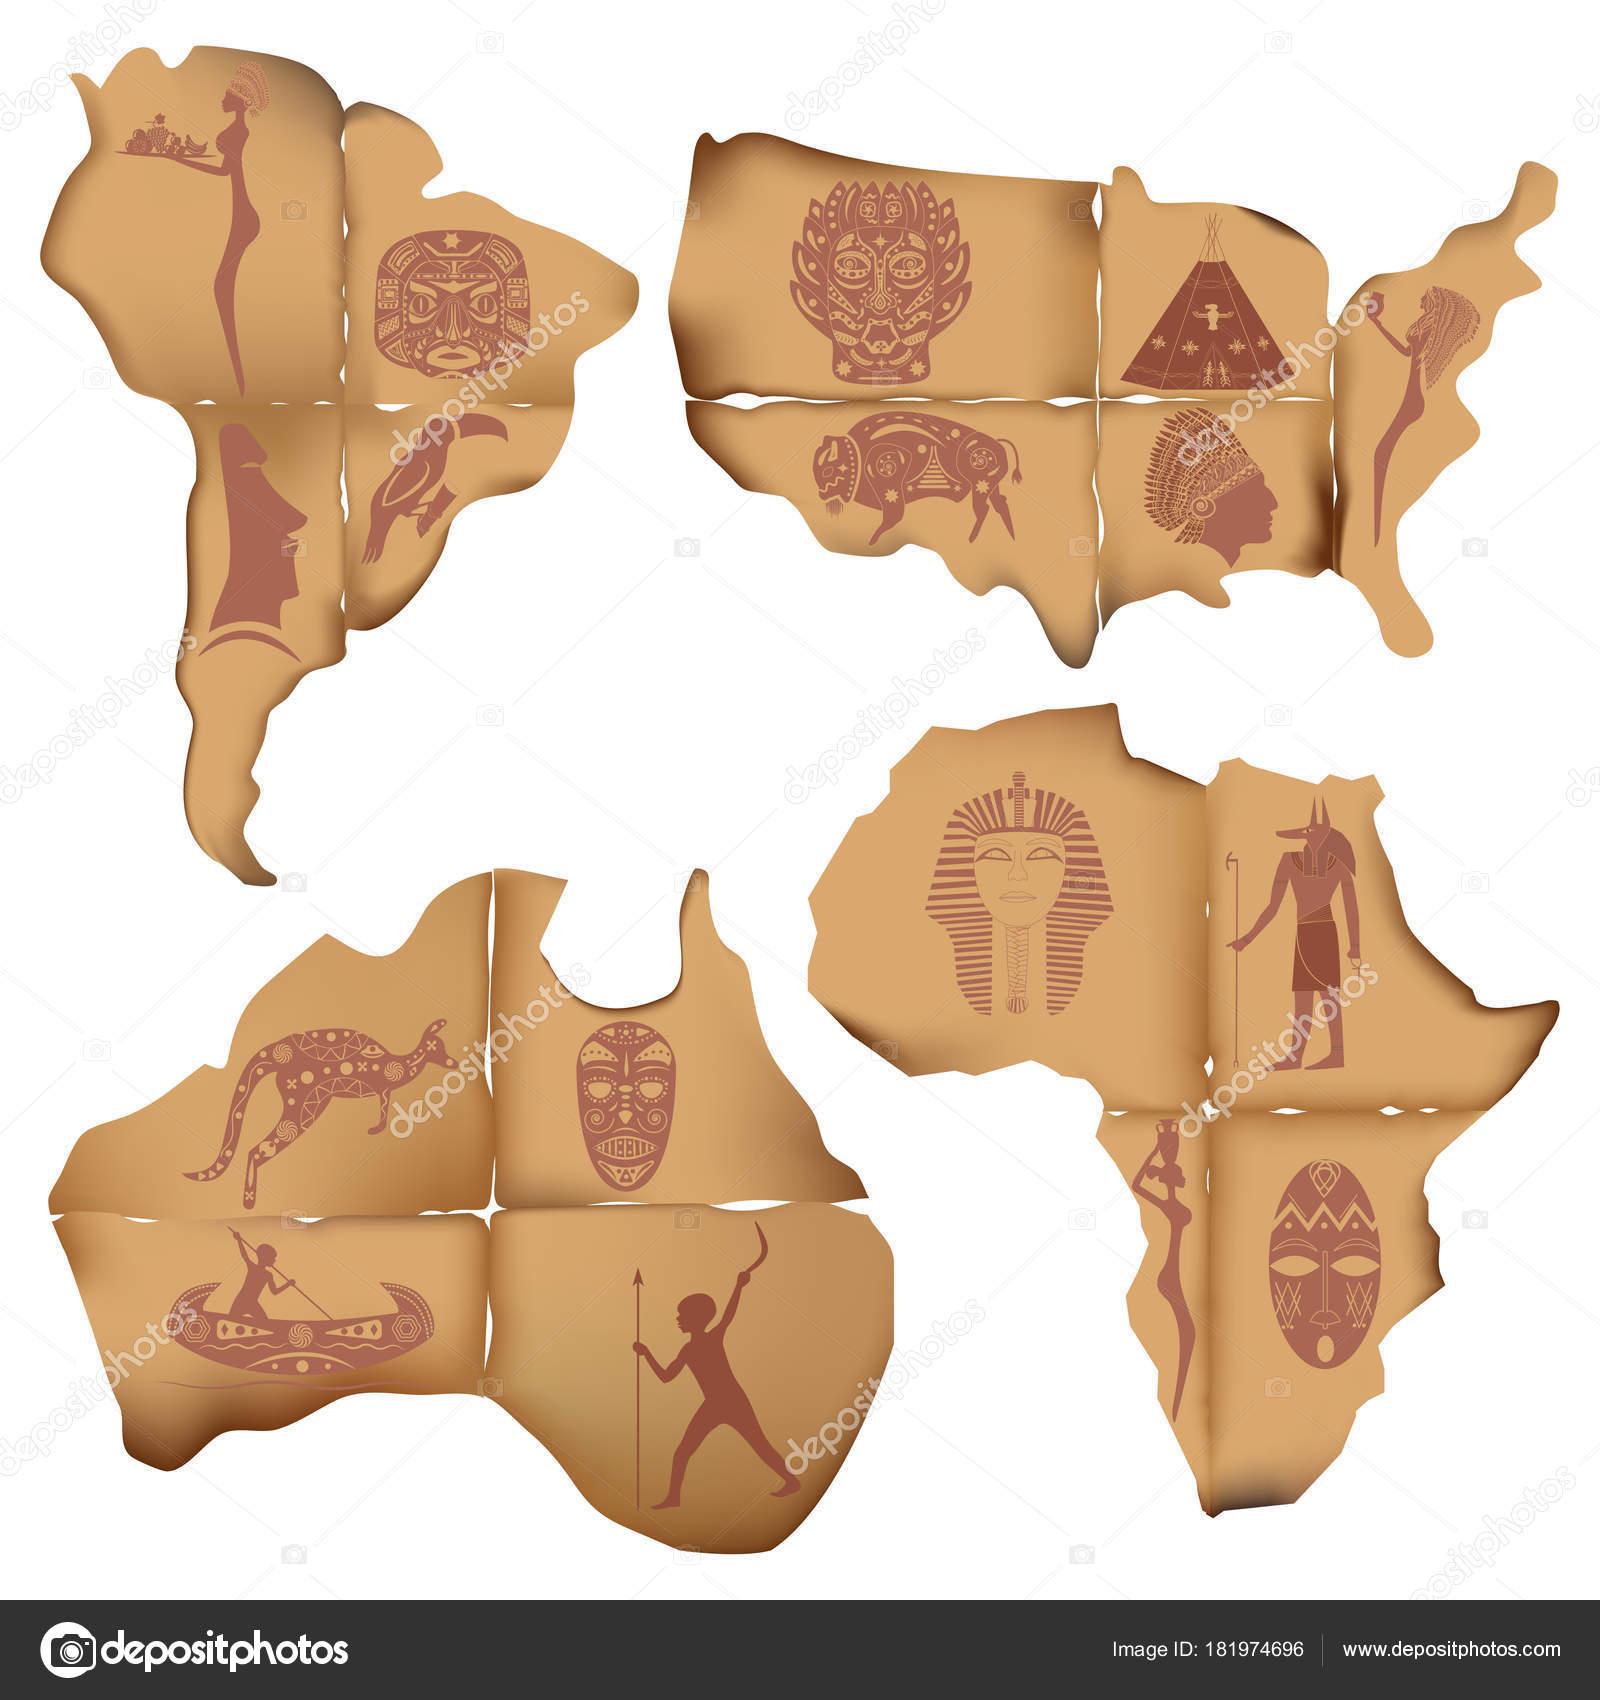 afrikai Egyesült Államok sebesség társkereső puyallup wa